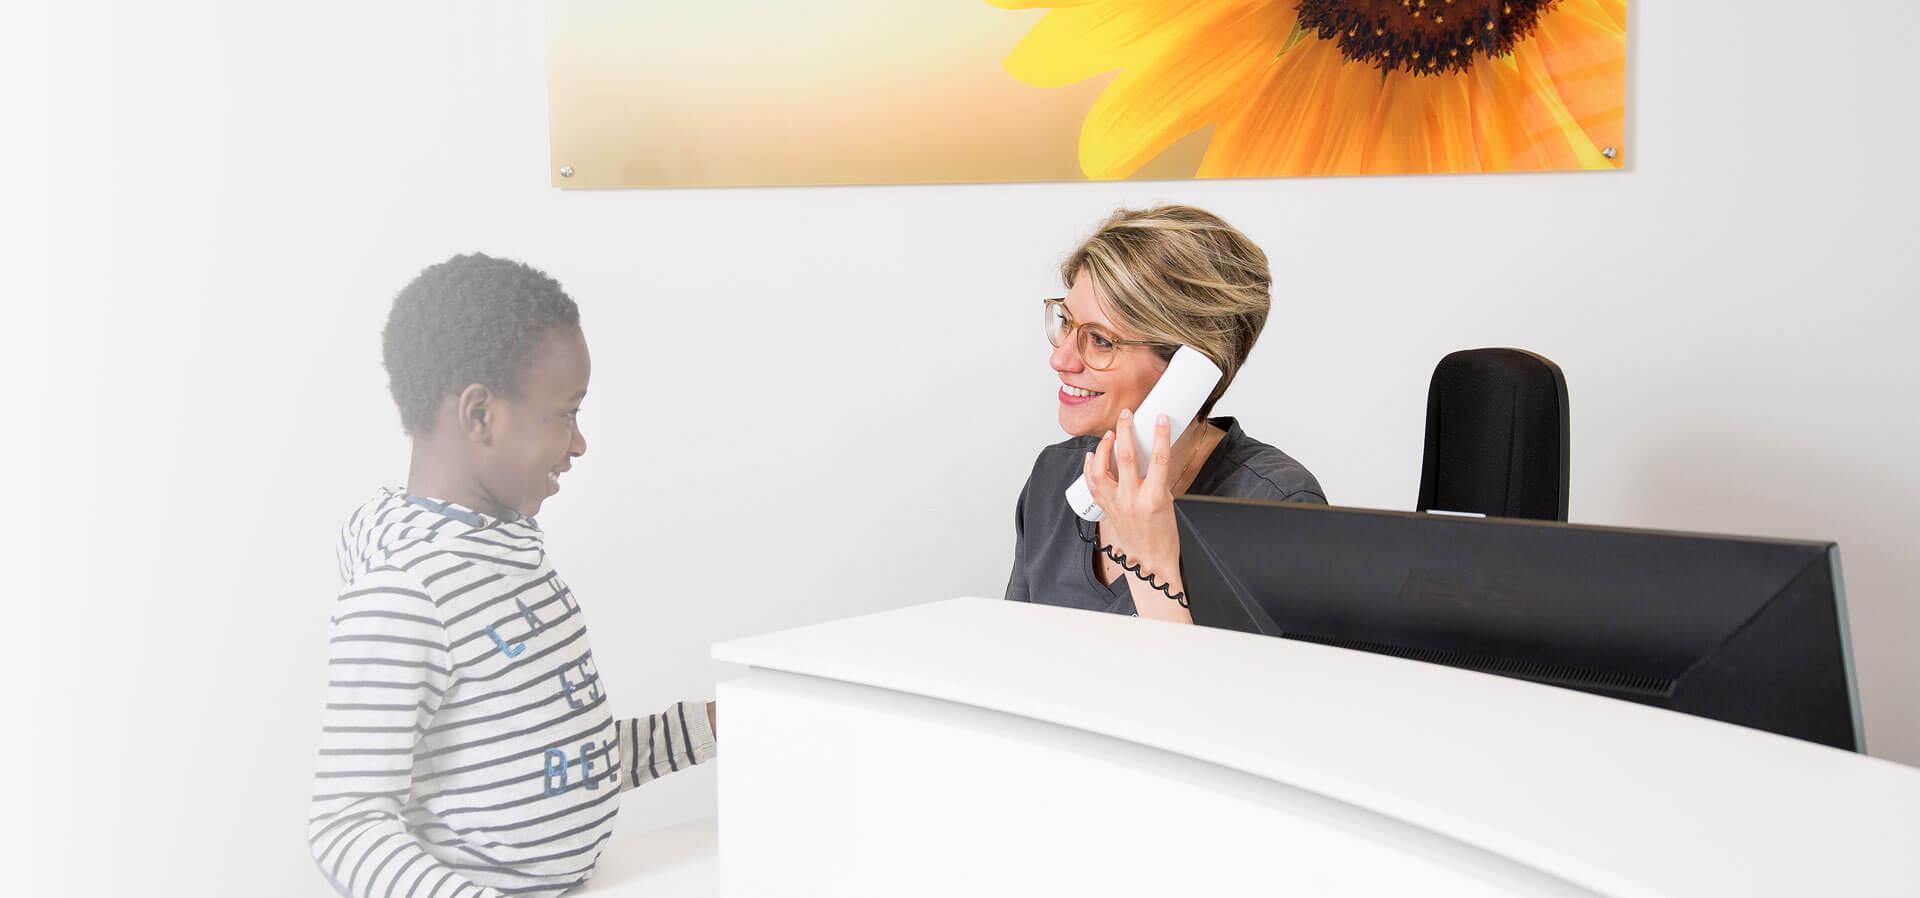 Anmeldung bei der Praxis für Zahnheilkunde Dr. med. dent. Eva Gärtner